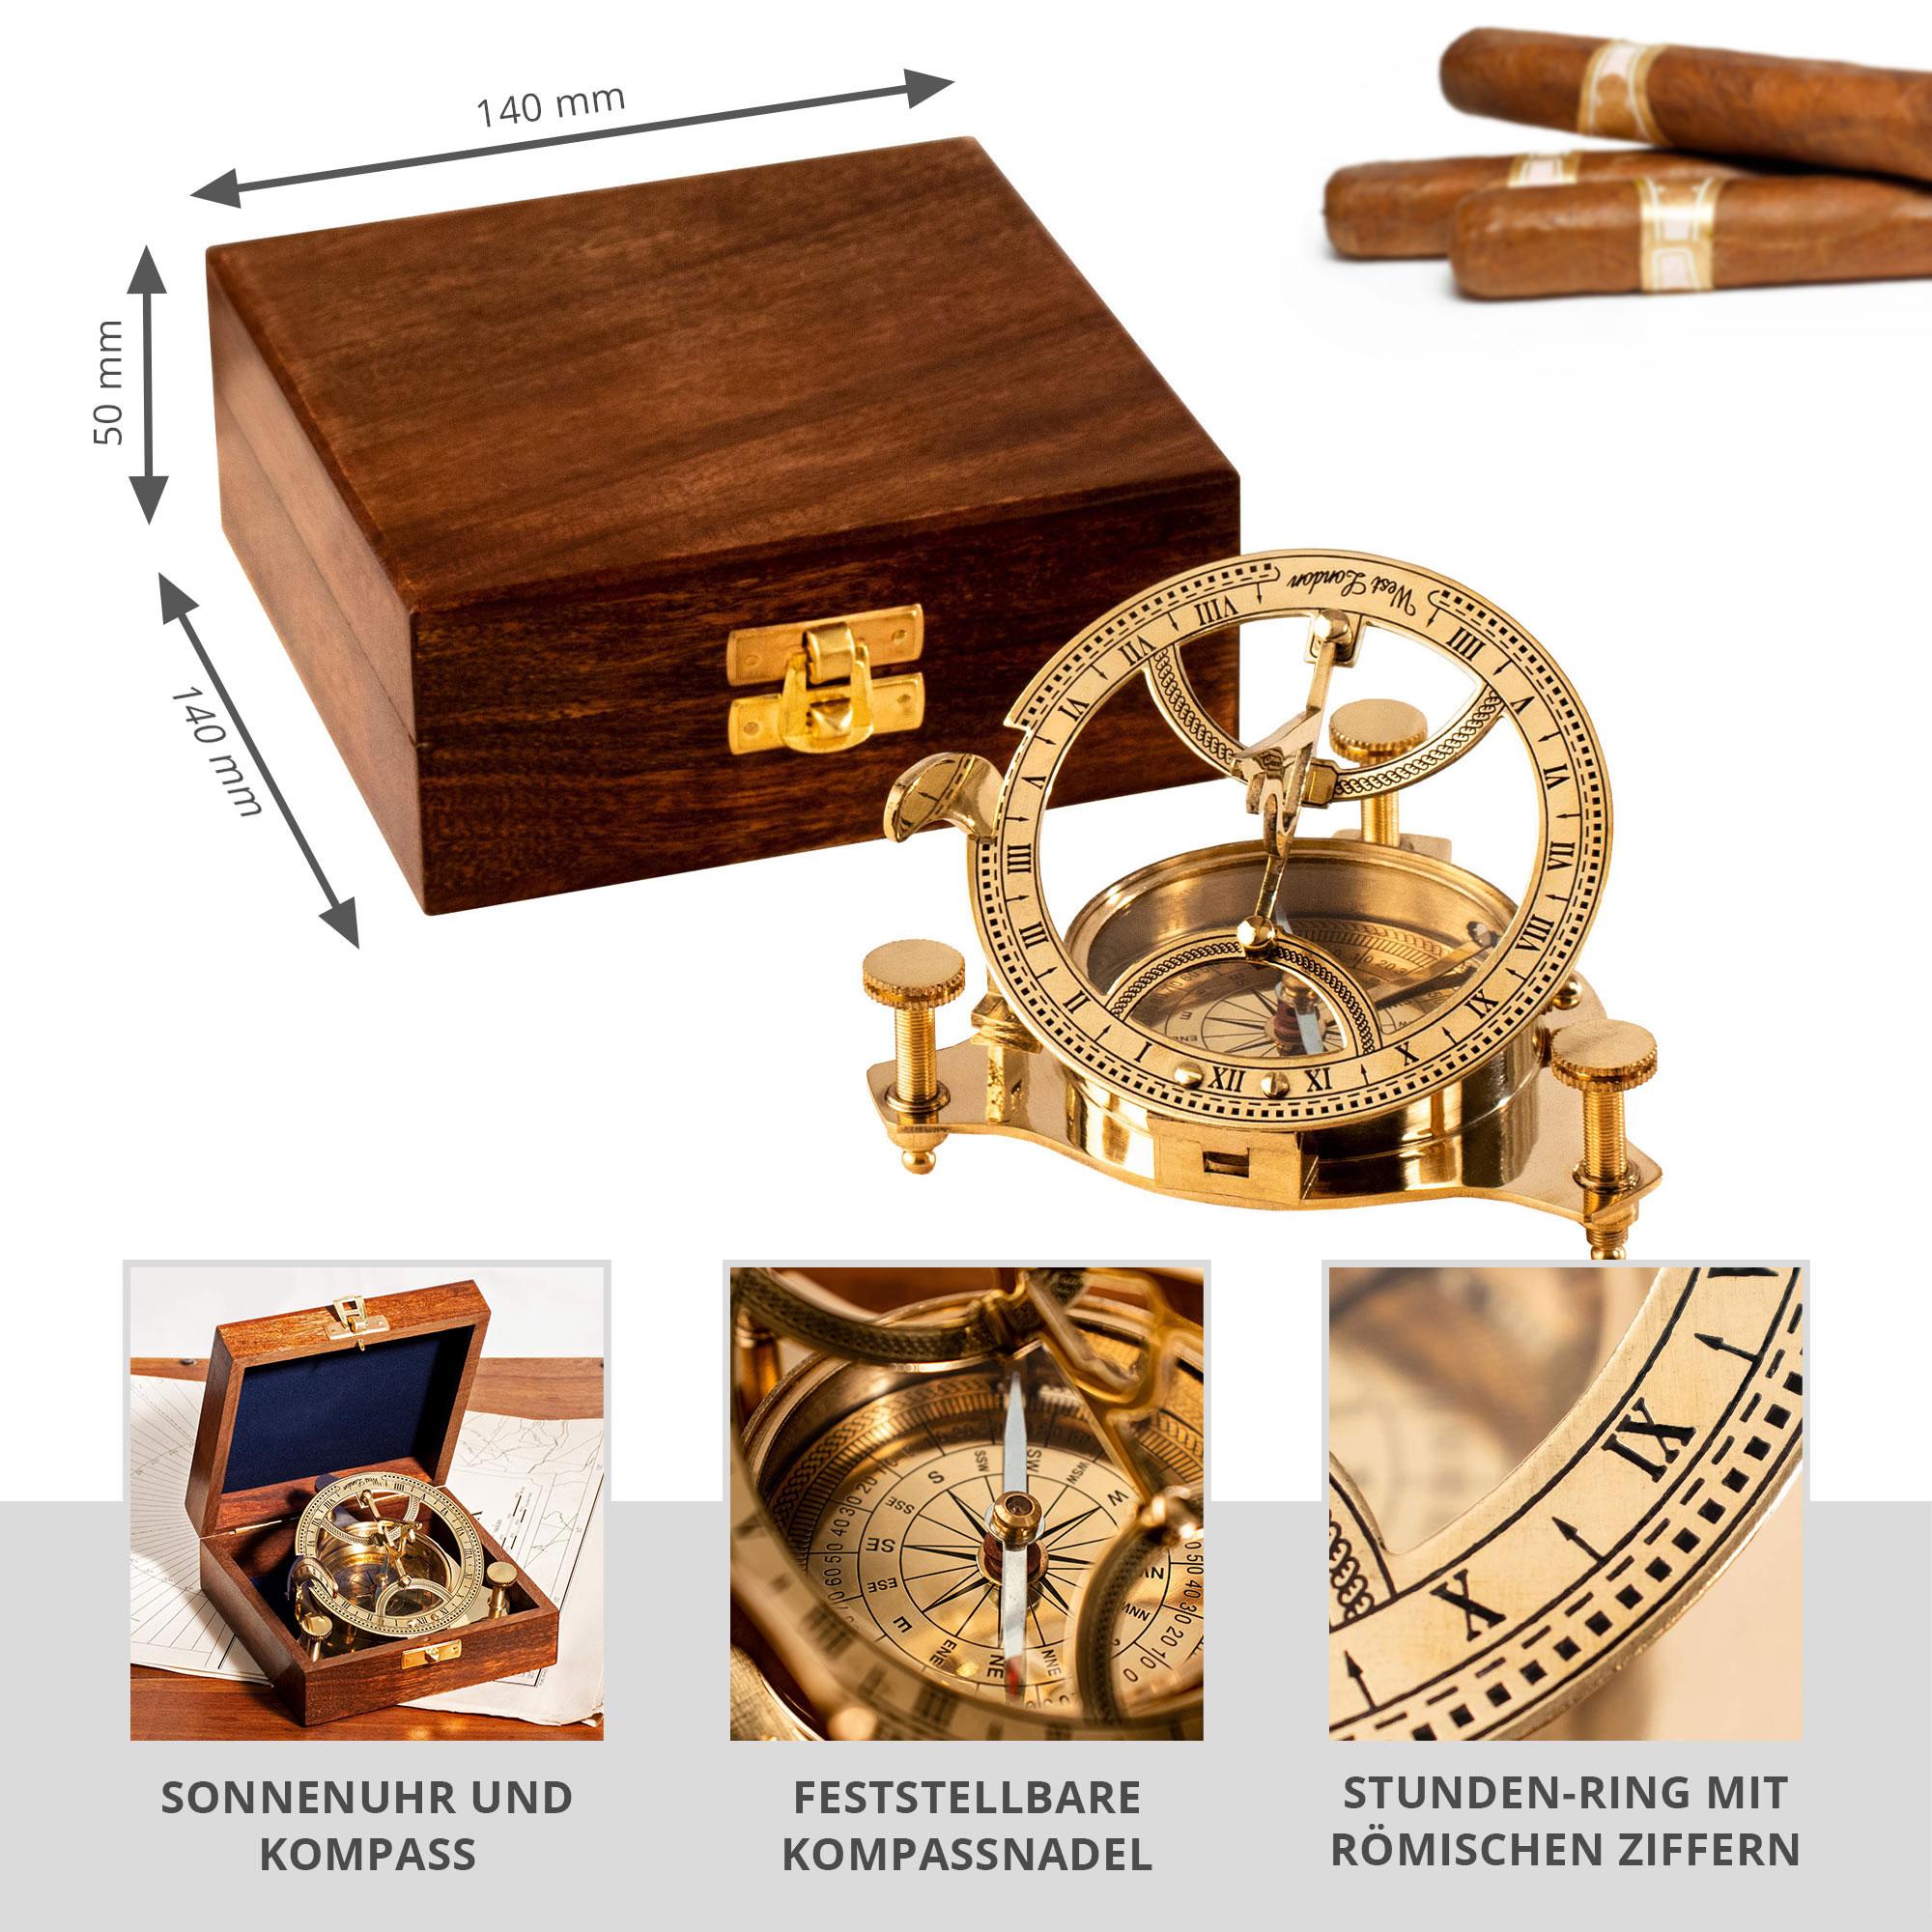 Taschen-Sonnenuhr mit Kompass - 2